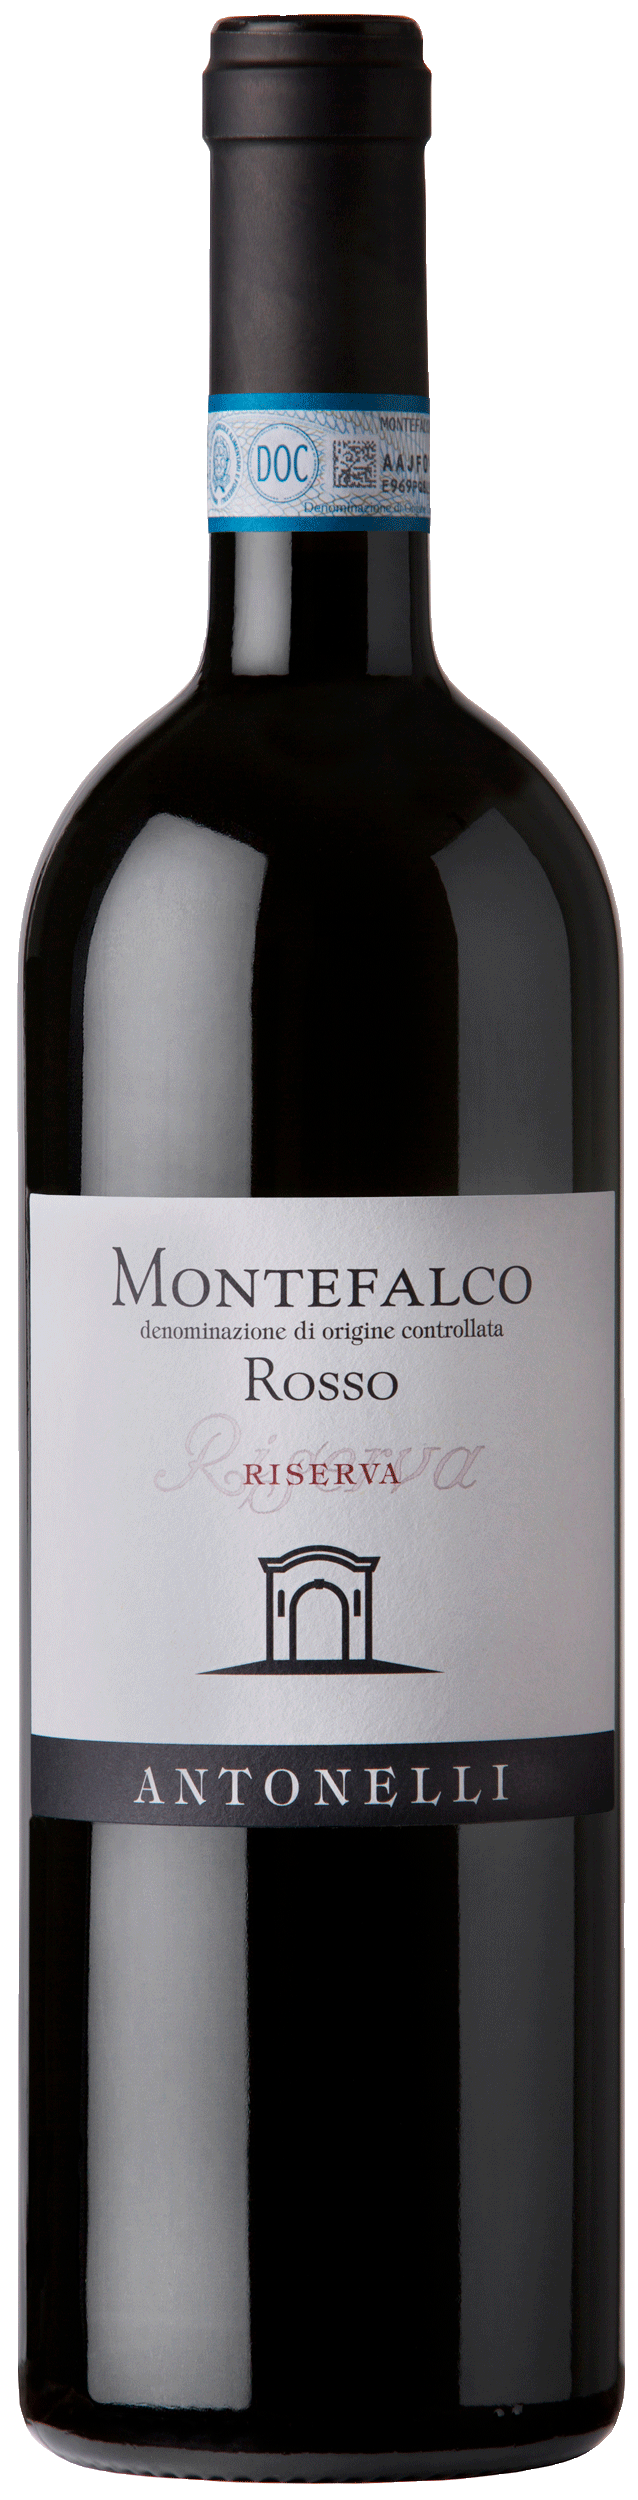 Montefalco Rosso Riserva DOC 2012